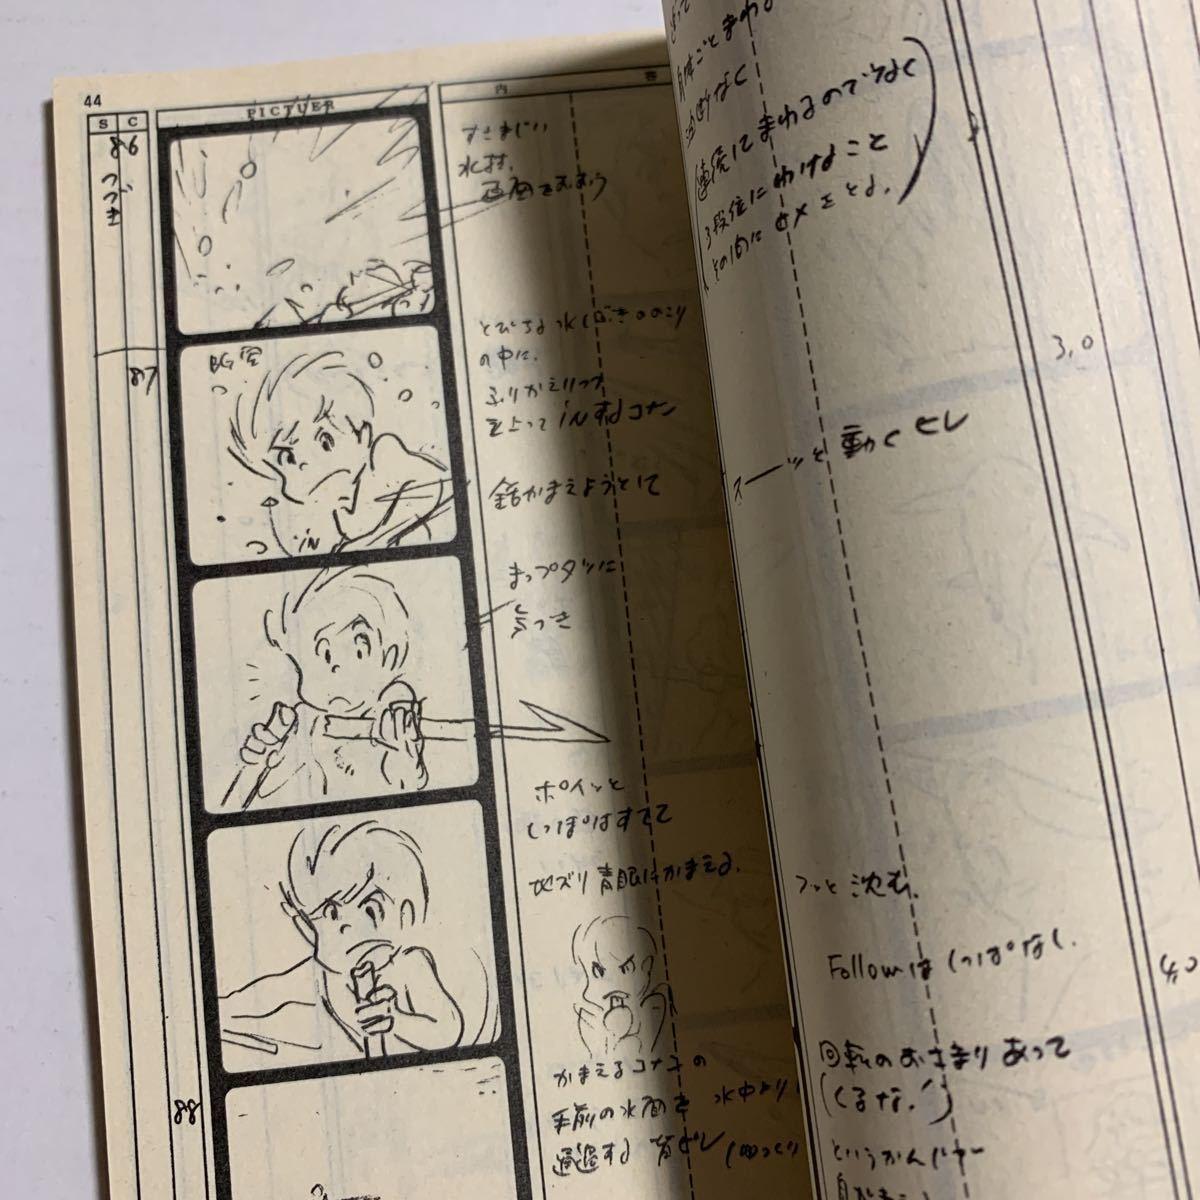 未来少年コナン 第1話 絵コンテ アニメージュ付録 宮崎駿_画像3